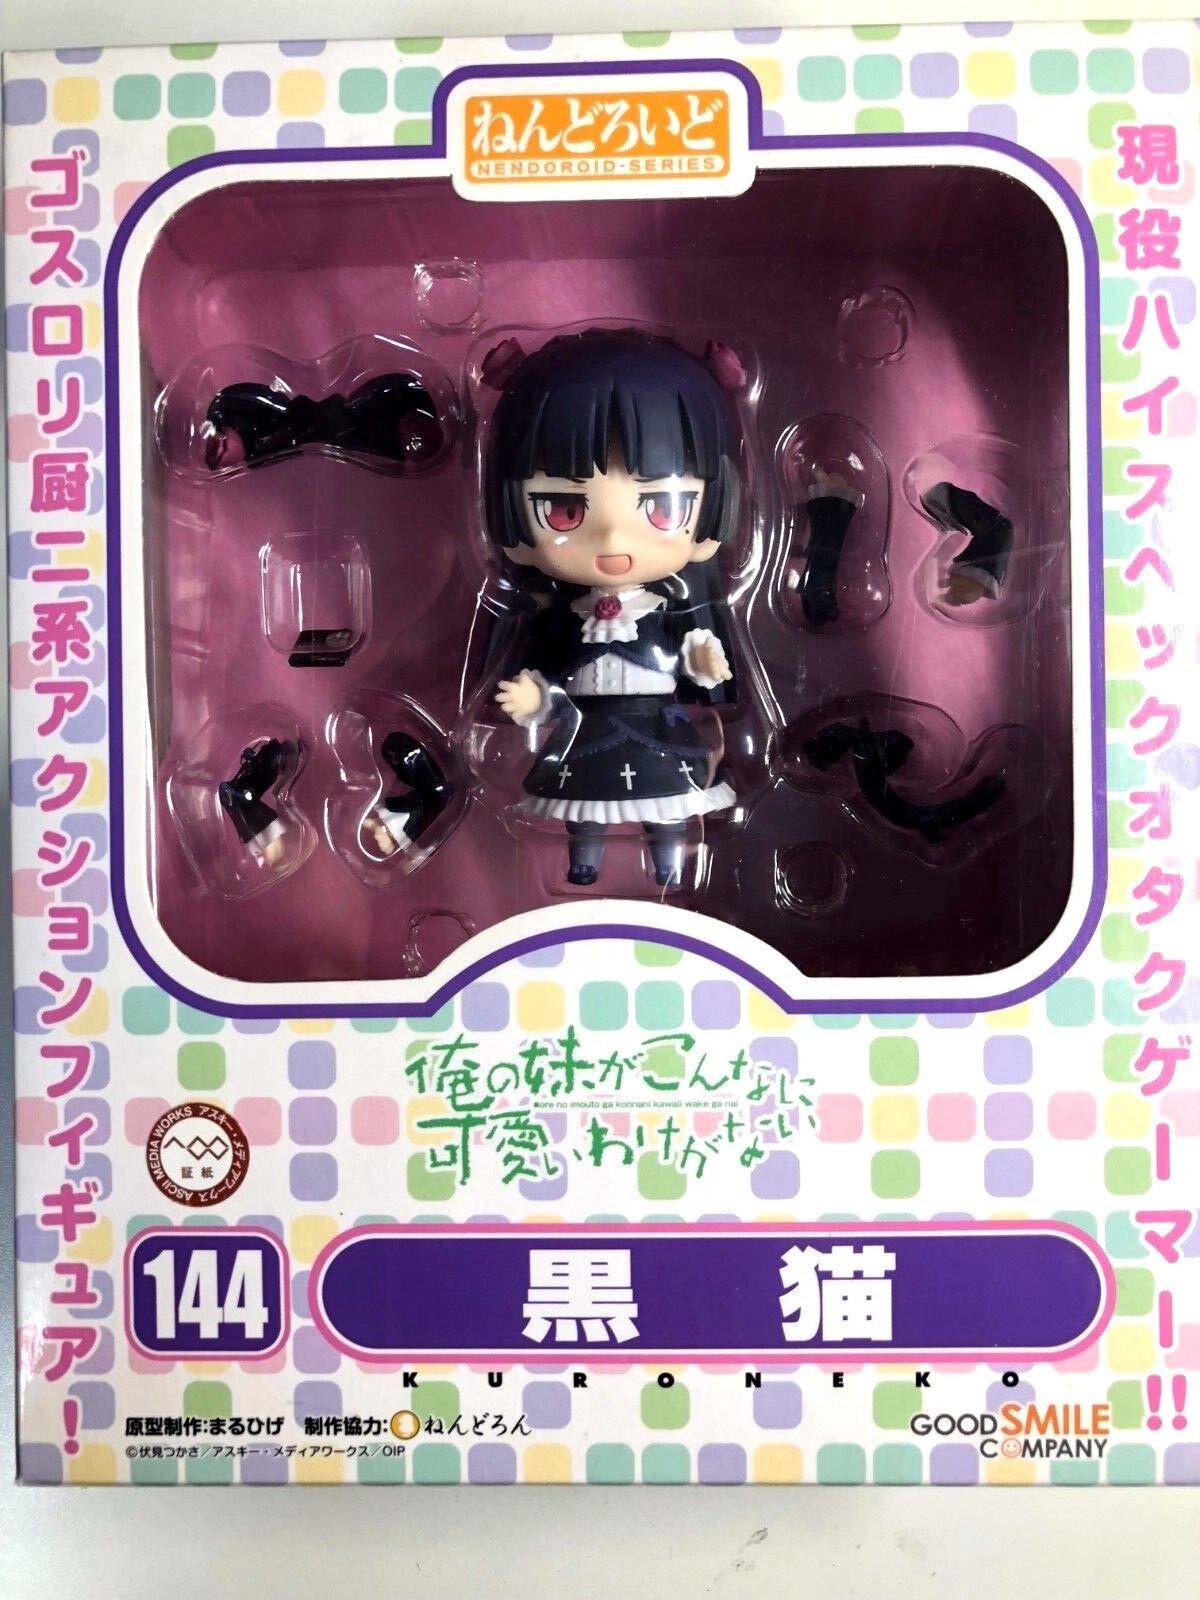 Free Shipping from Japan Authentic Nendoroid Ore no Imouto Kuroneko Oreimo 144